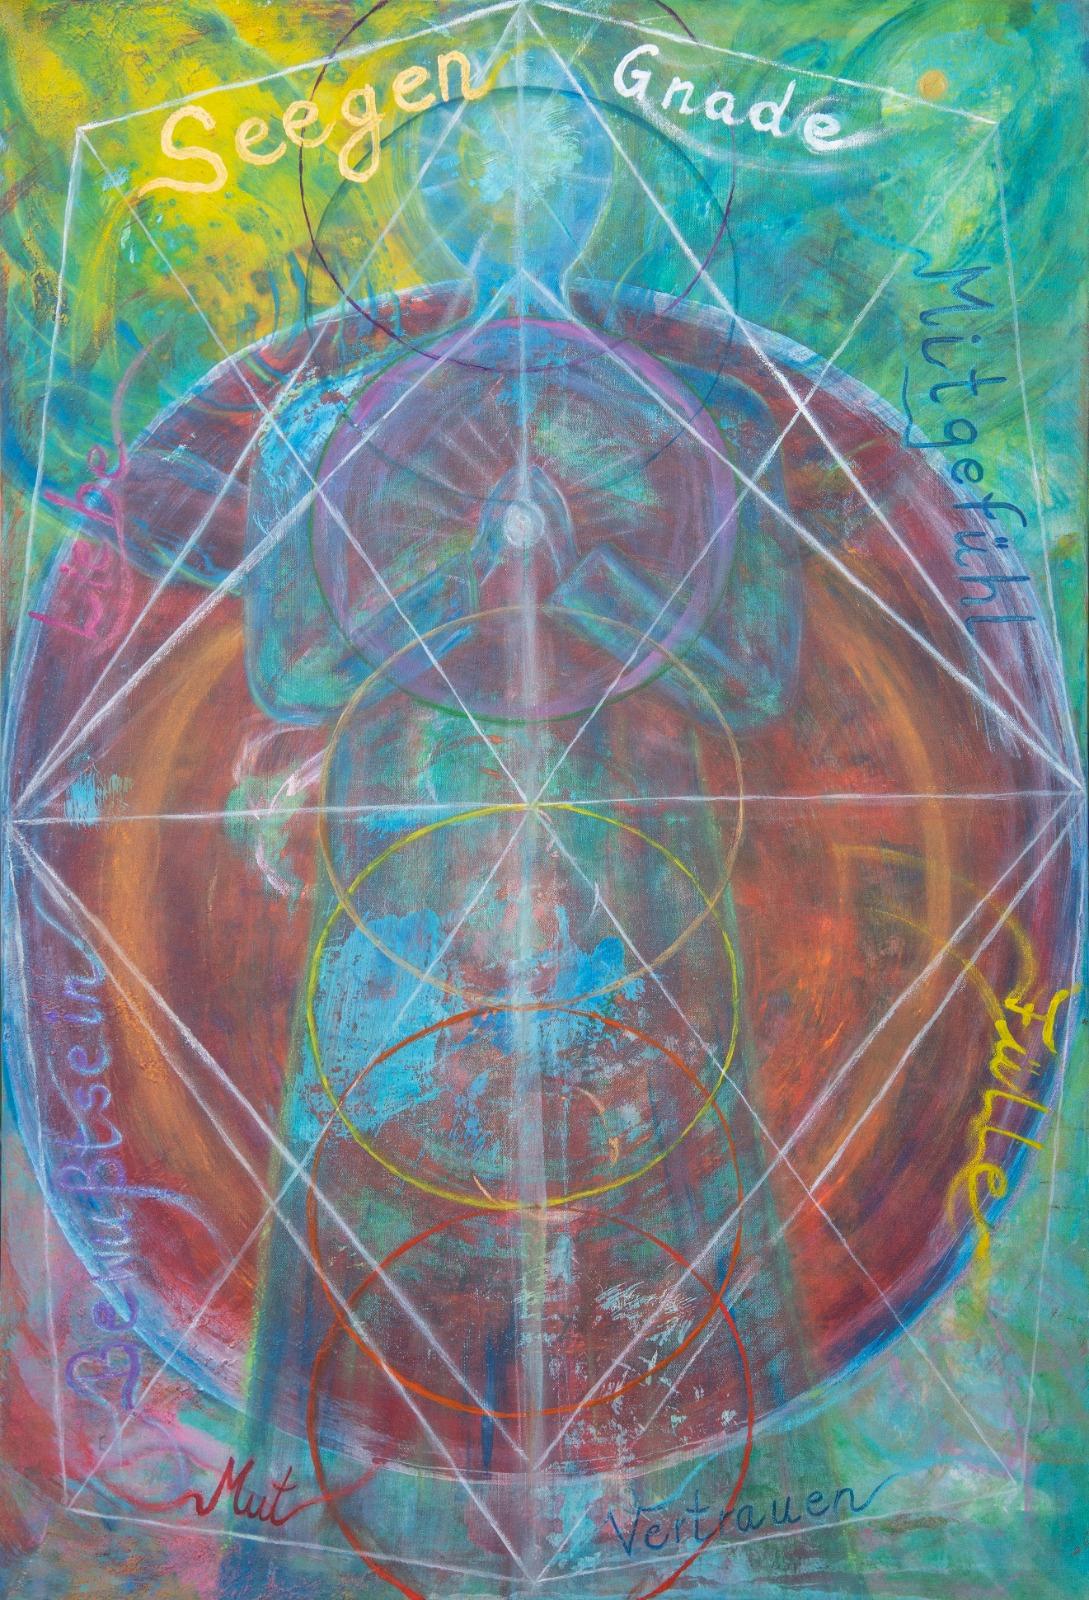 die heilige Geometrie in der Schöpfung